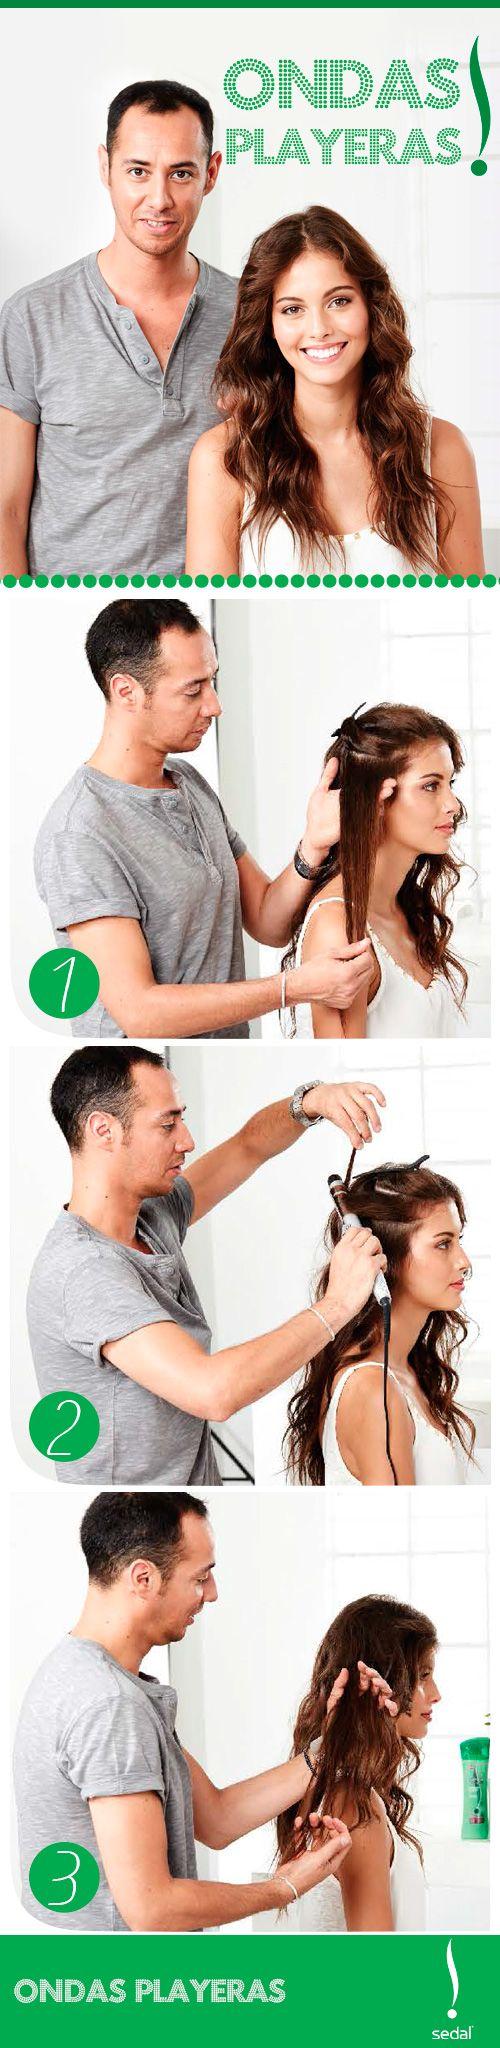 Paso a paso para ondas playeras.  Divide tu pelo en capas. Con el ondulador bien caliente enrollas en forma de espiral. Sueltas y estiras el rulo. Déjalo enfriar y luego sepáralo con los dedos.